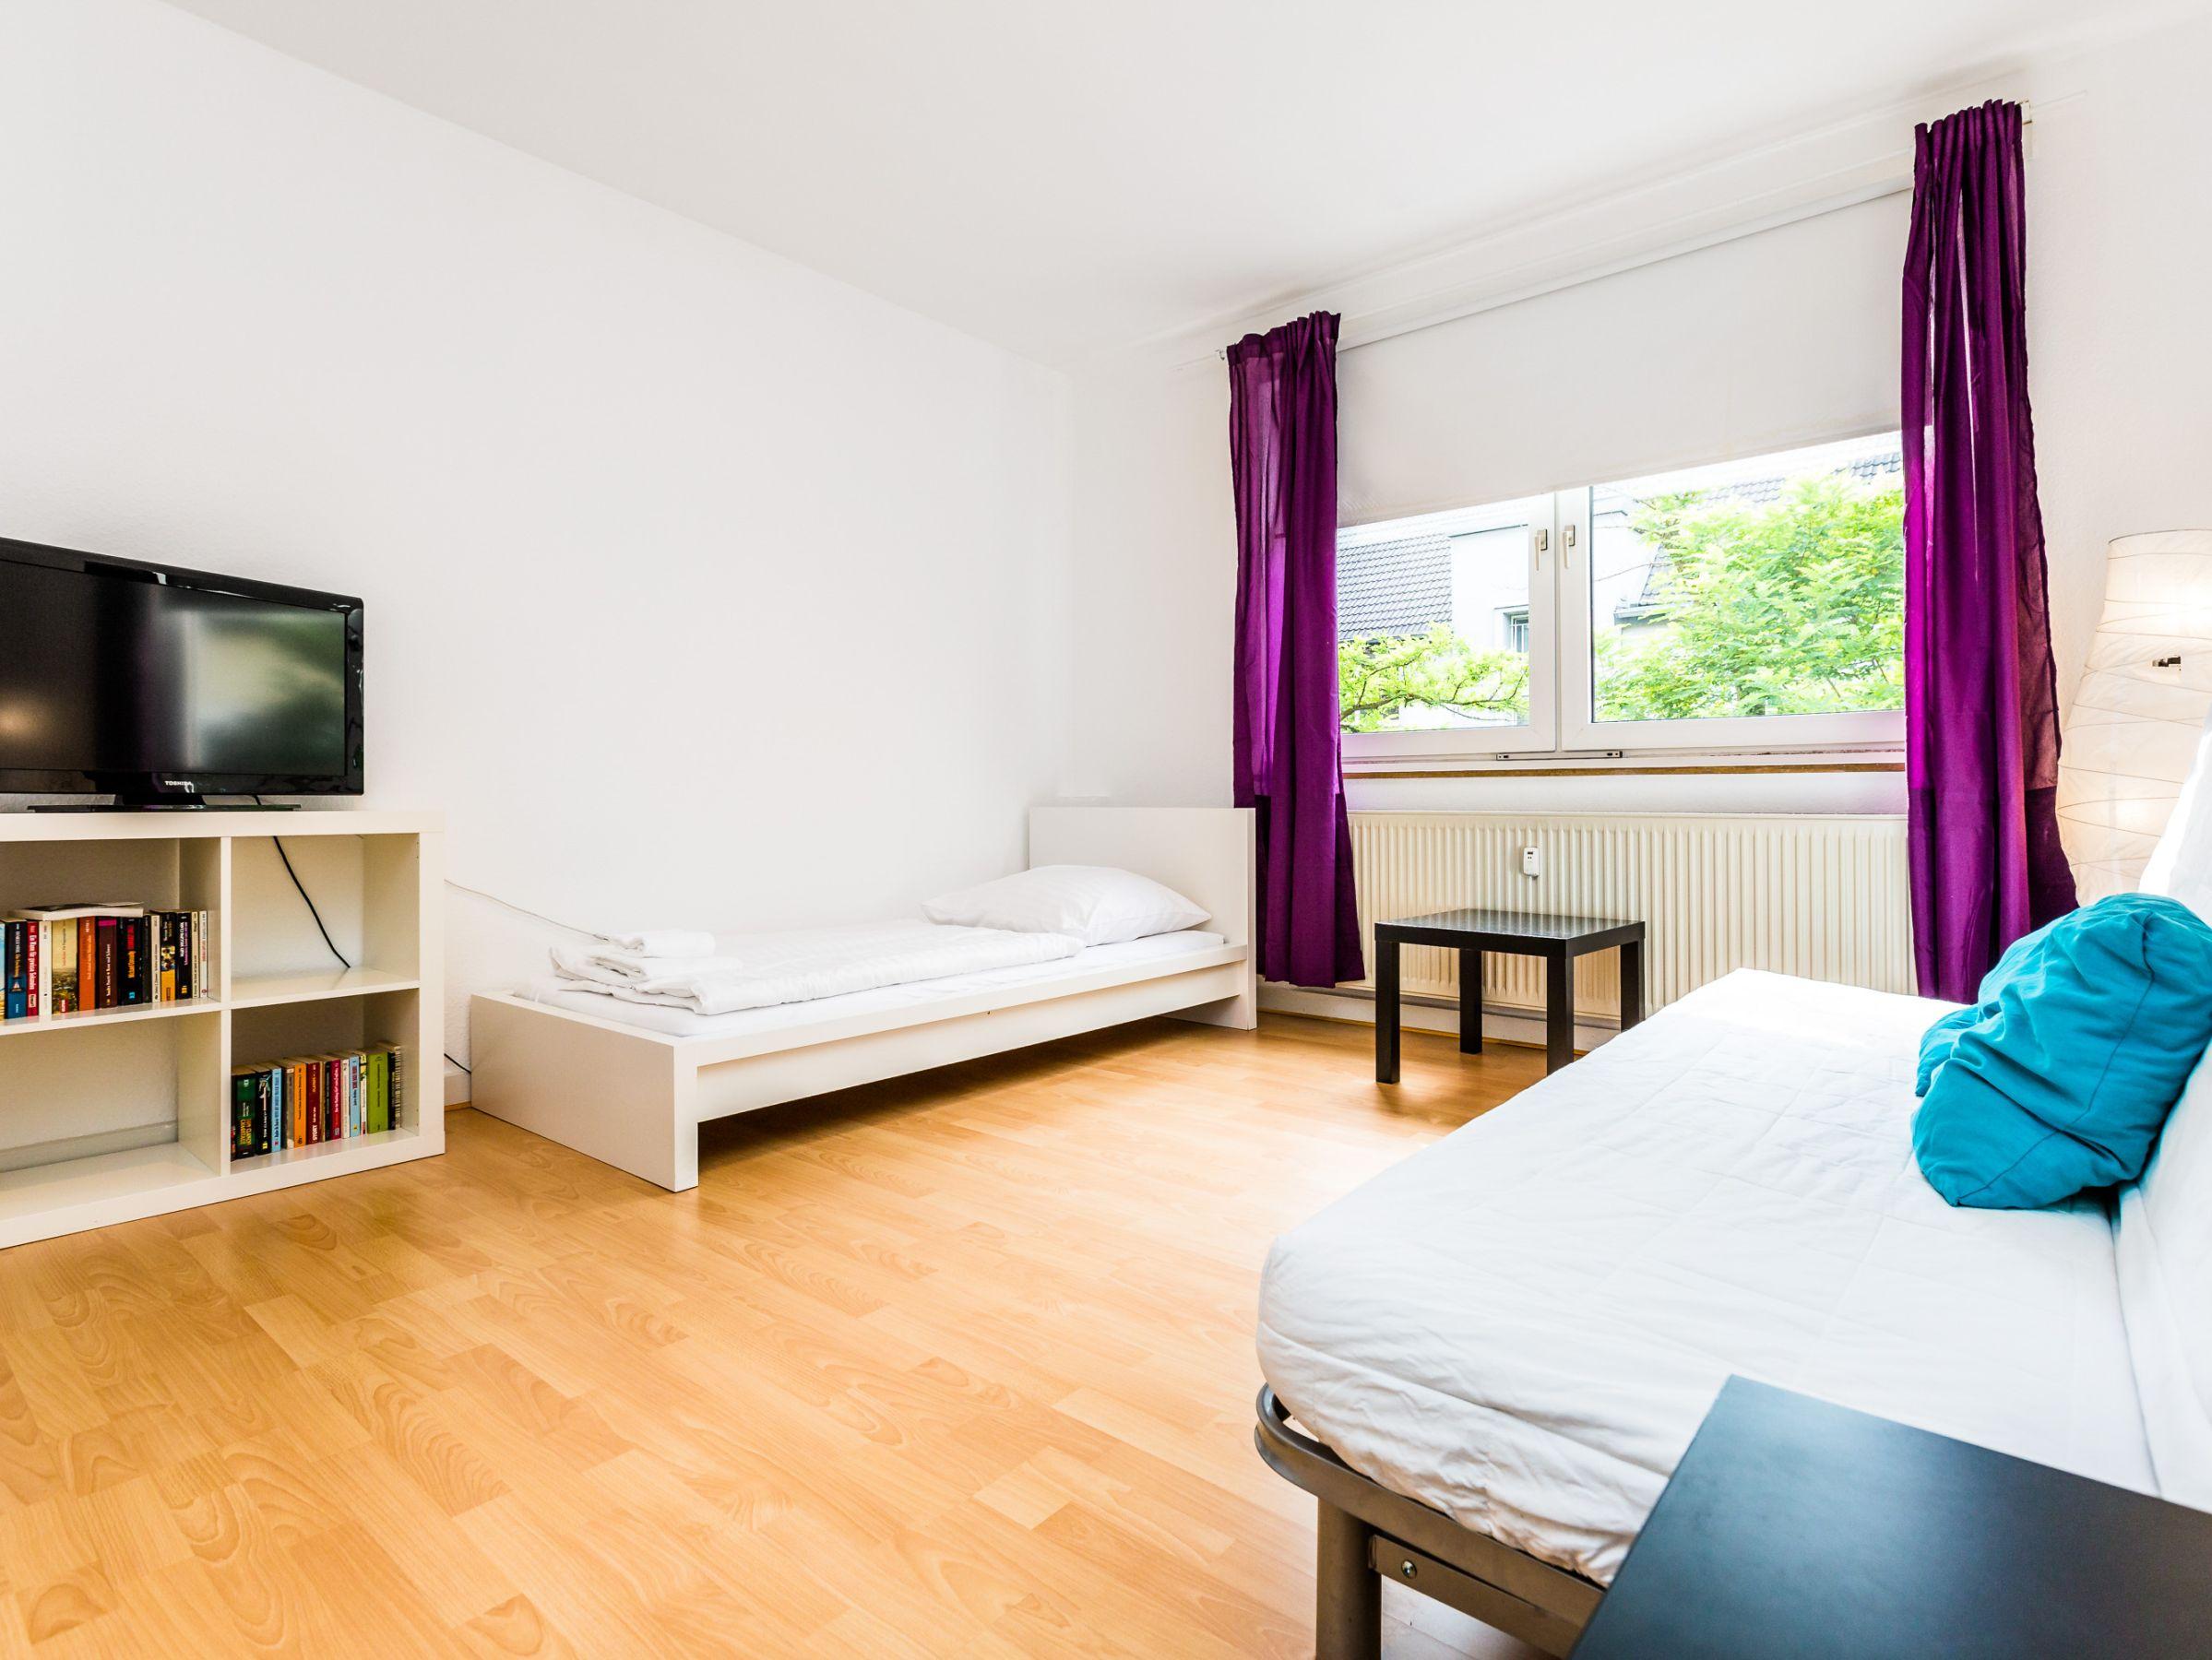 Apartment K62 and K64, (Köln). Ferienwohnung K64, 57 qm, 1 Schlafzimmer, 1 Wohn-/Schlafzimmer, max. 6 Personen